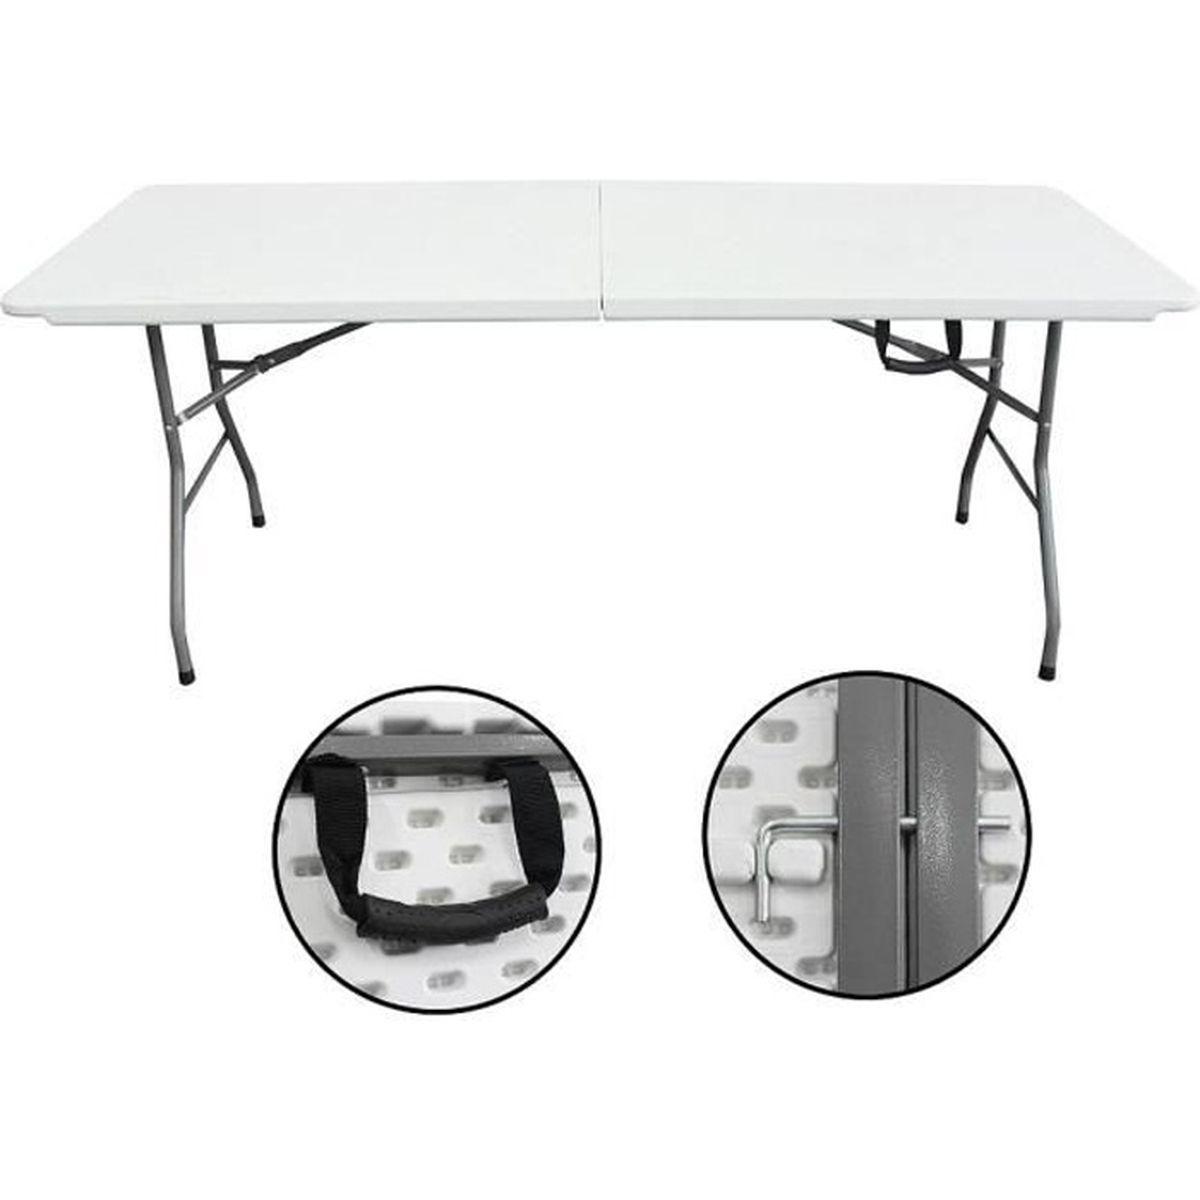 TABLE DE JARDIN  Table en Plastique Robuste, Table Pliante Transpor